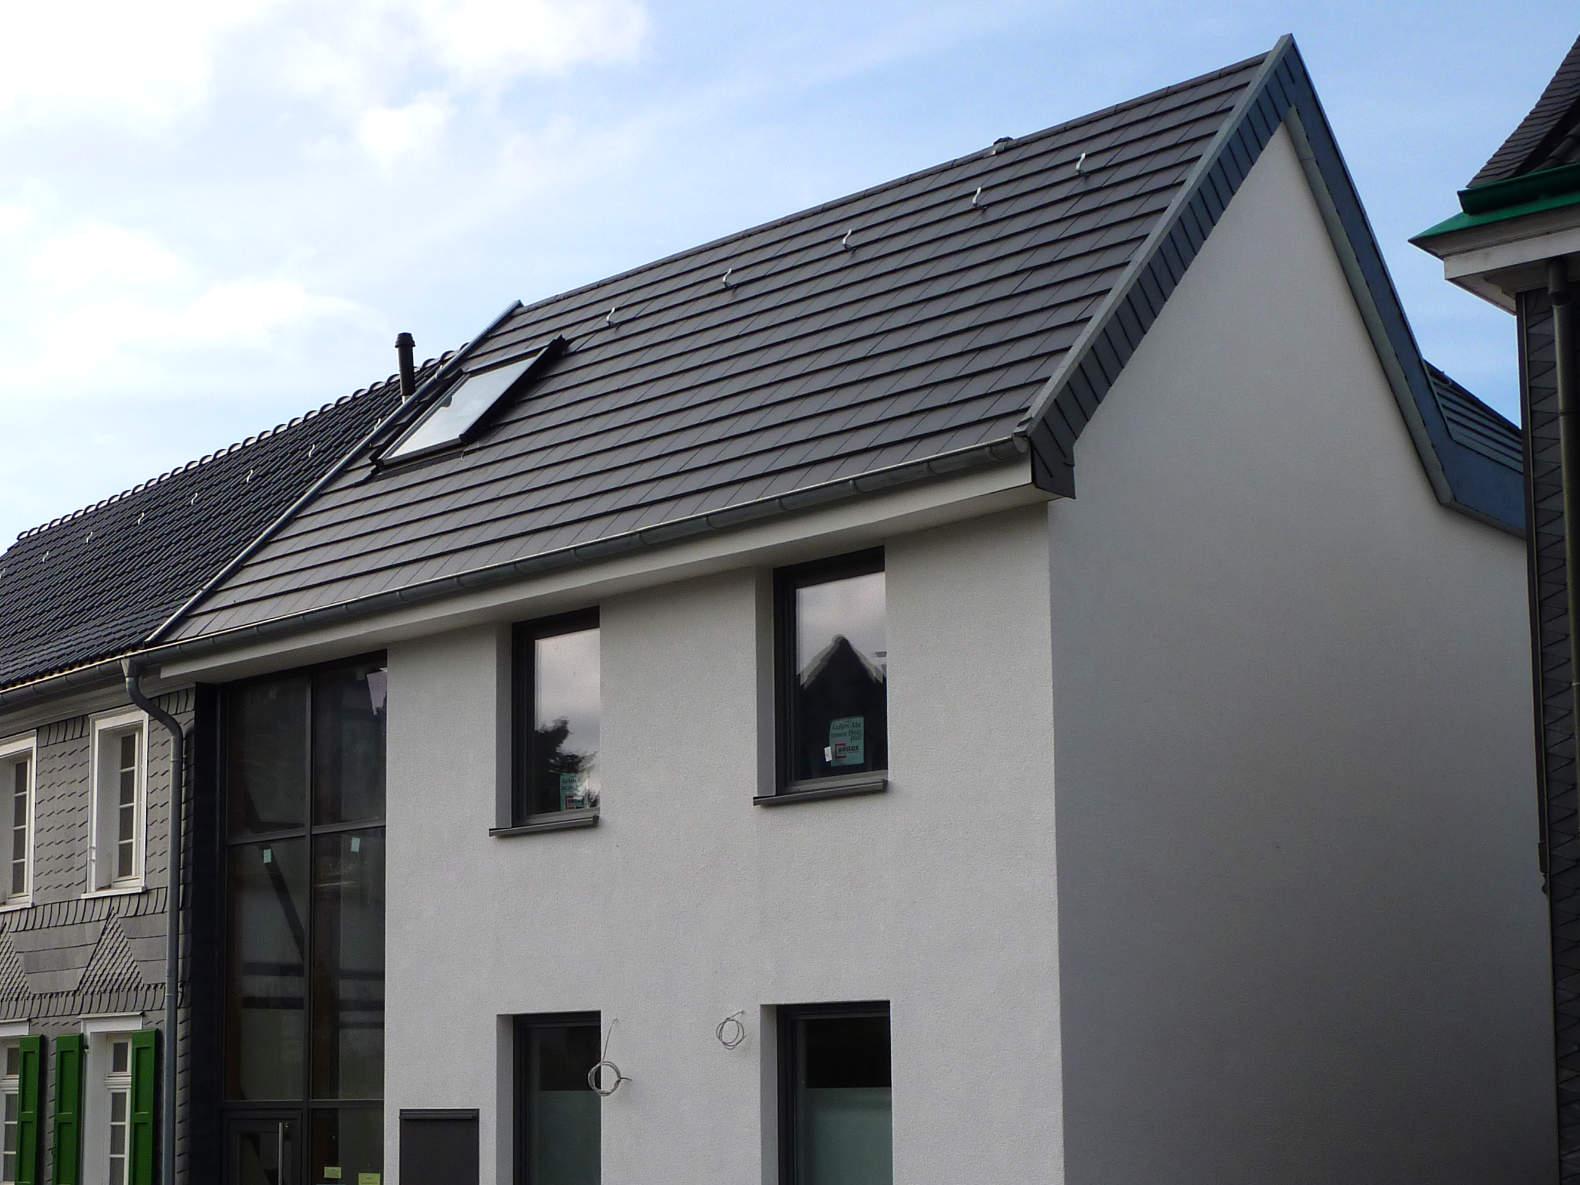 steildach dachsanierungen in burscheid dachdecker. Black Bedroom Furniture Sets. Home Design Ideas